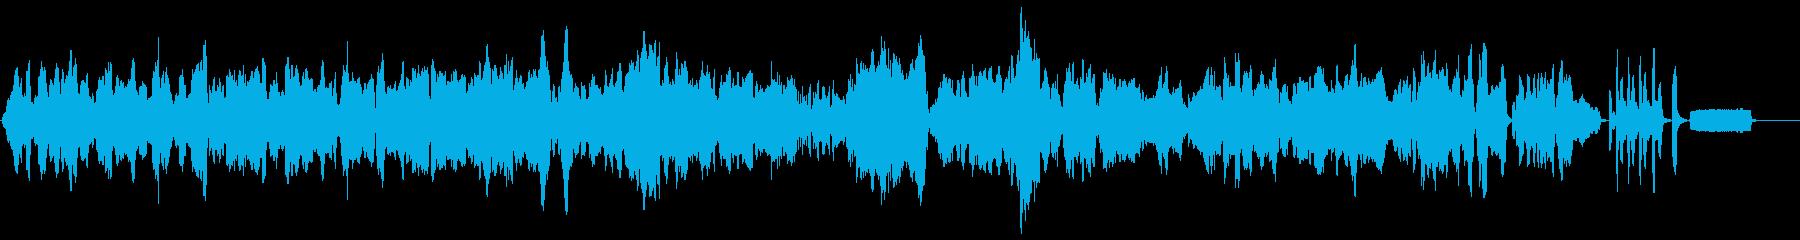 ショパンの名曲のリコーダーアレンジの再生済みの波形